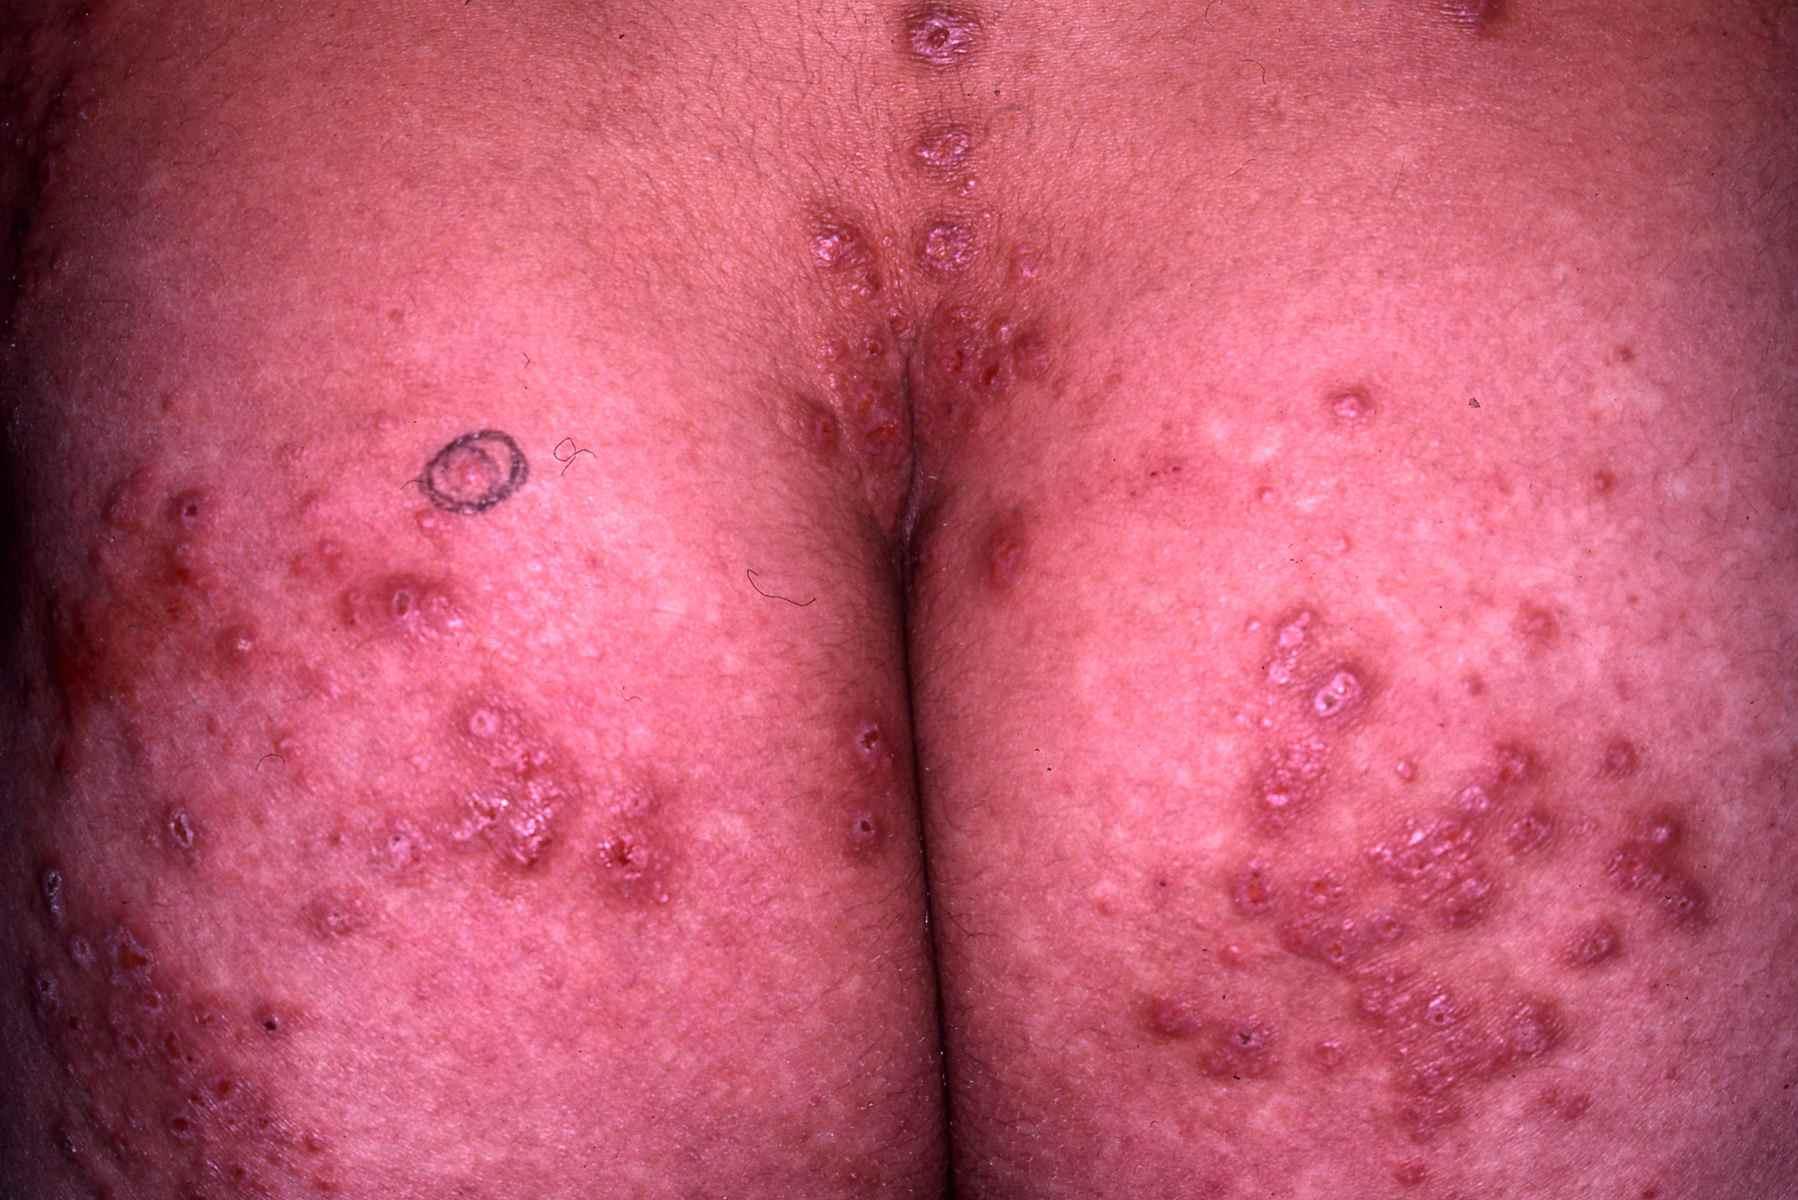 Le traitement du psoriasis les bains de radon